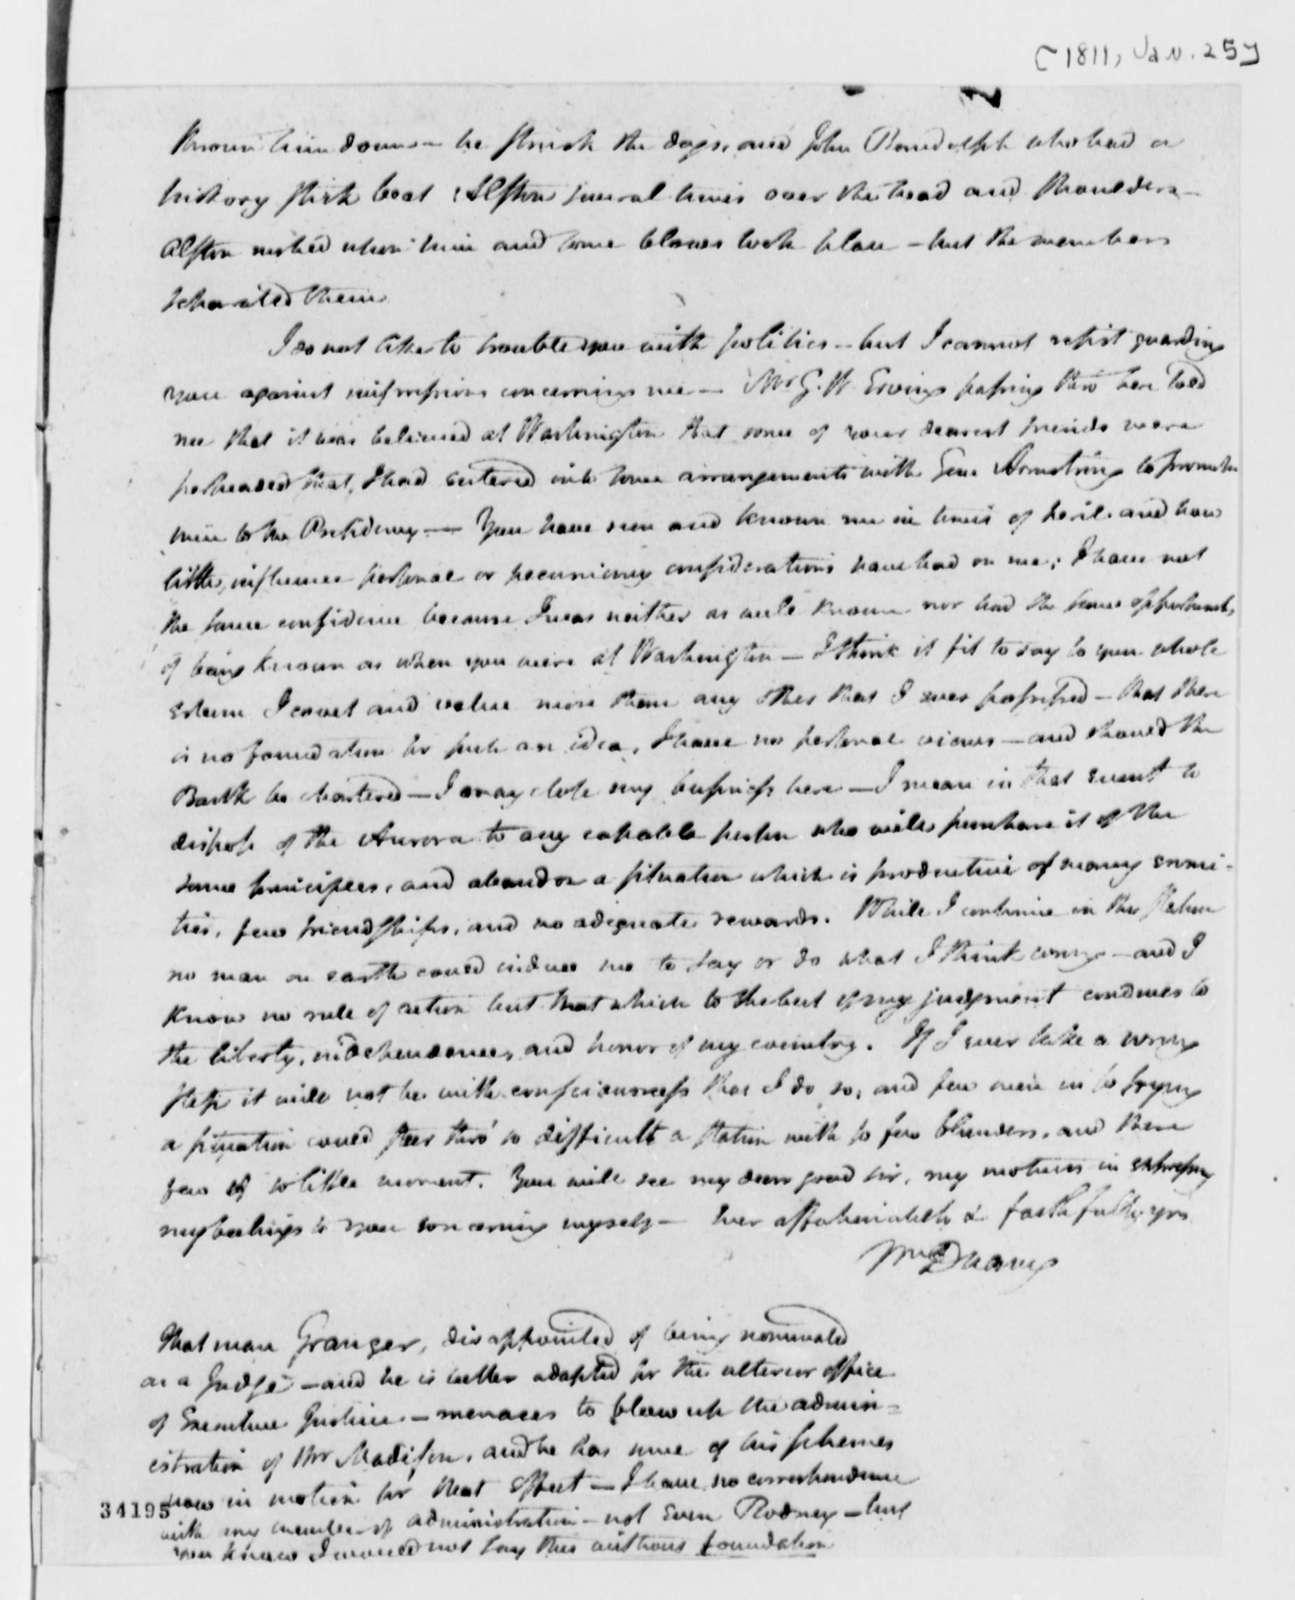 William Duane to Thomas Jefferson, January 25, 1811